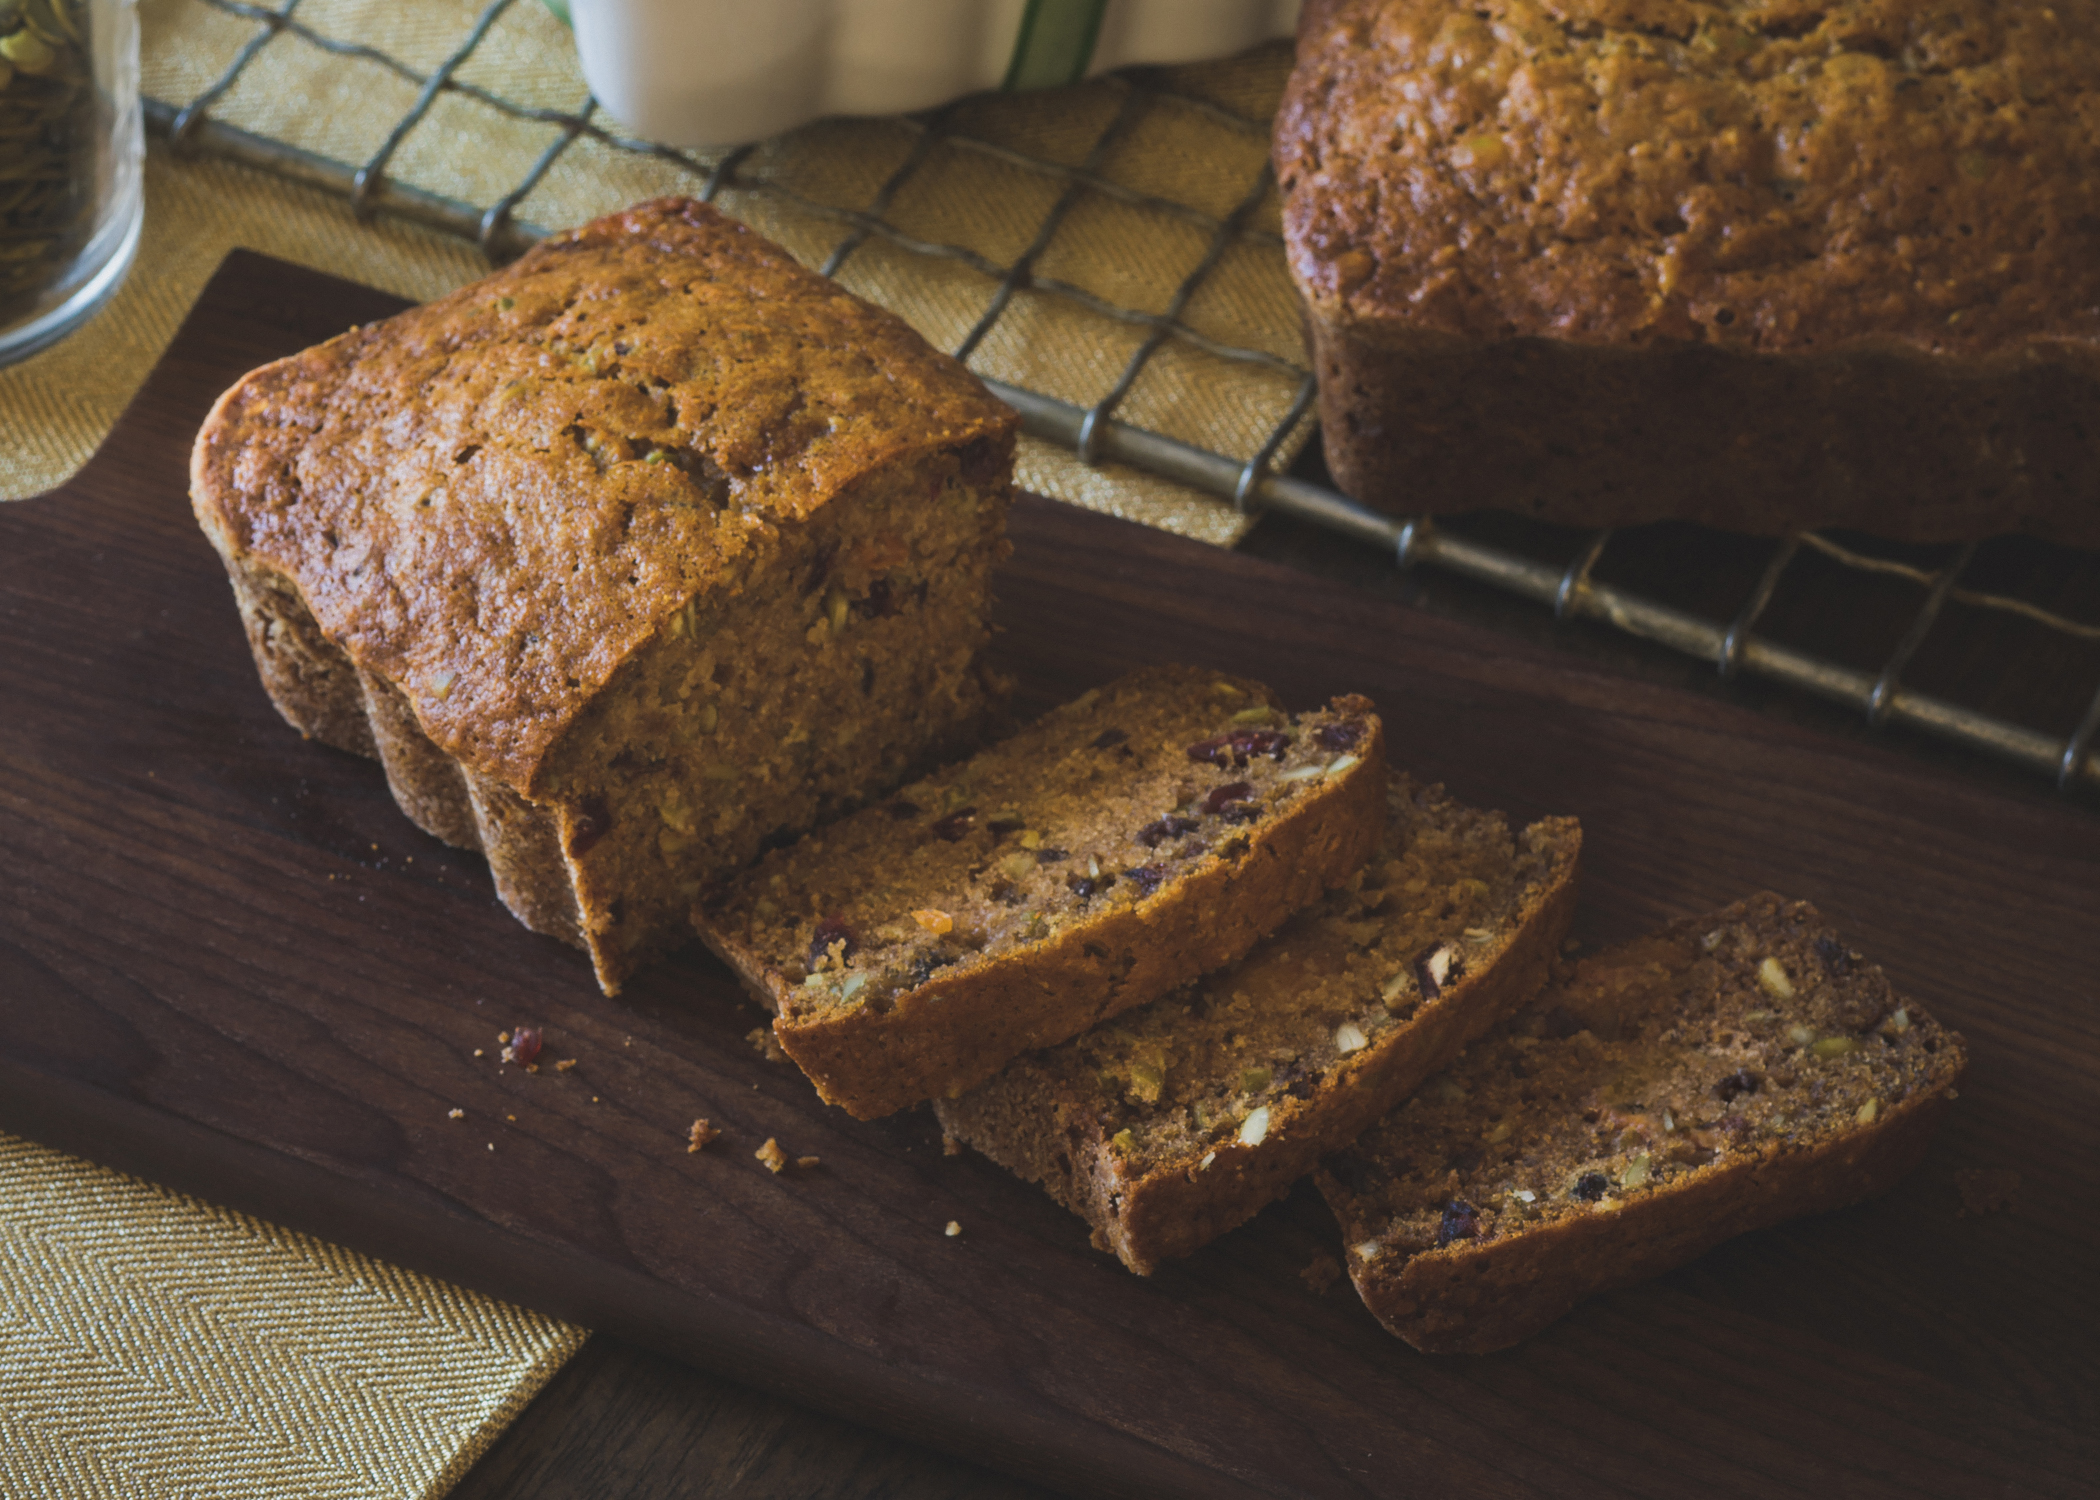 Persimmon_Spiced_Breakfast_Bread_HERO_V2.jpg